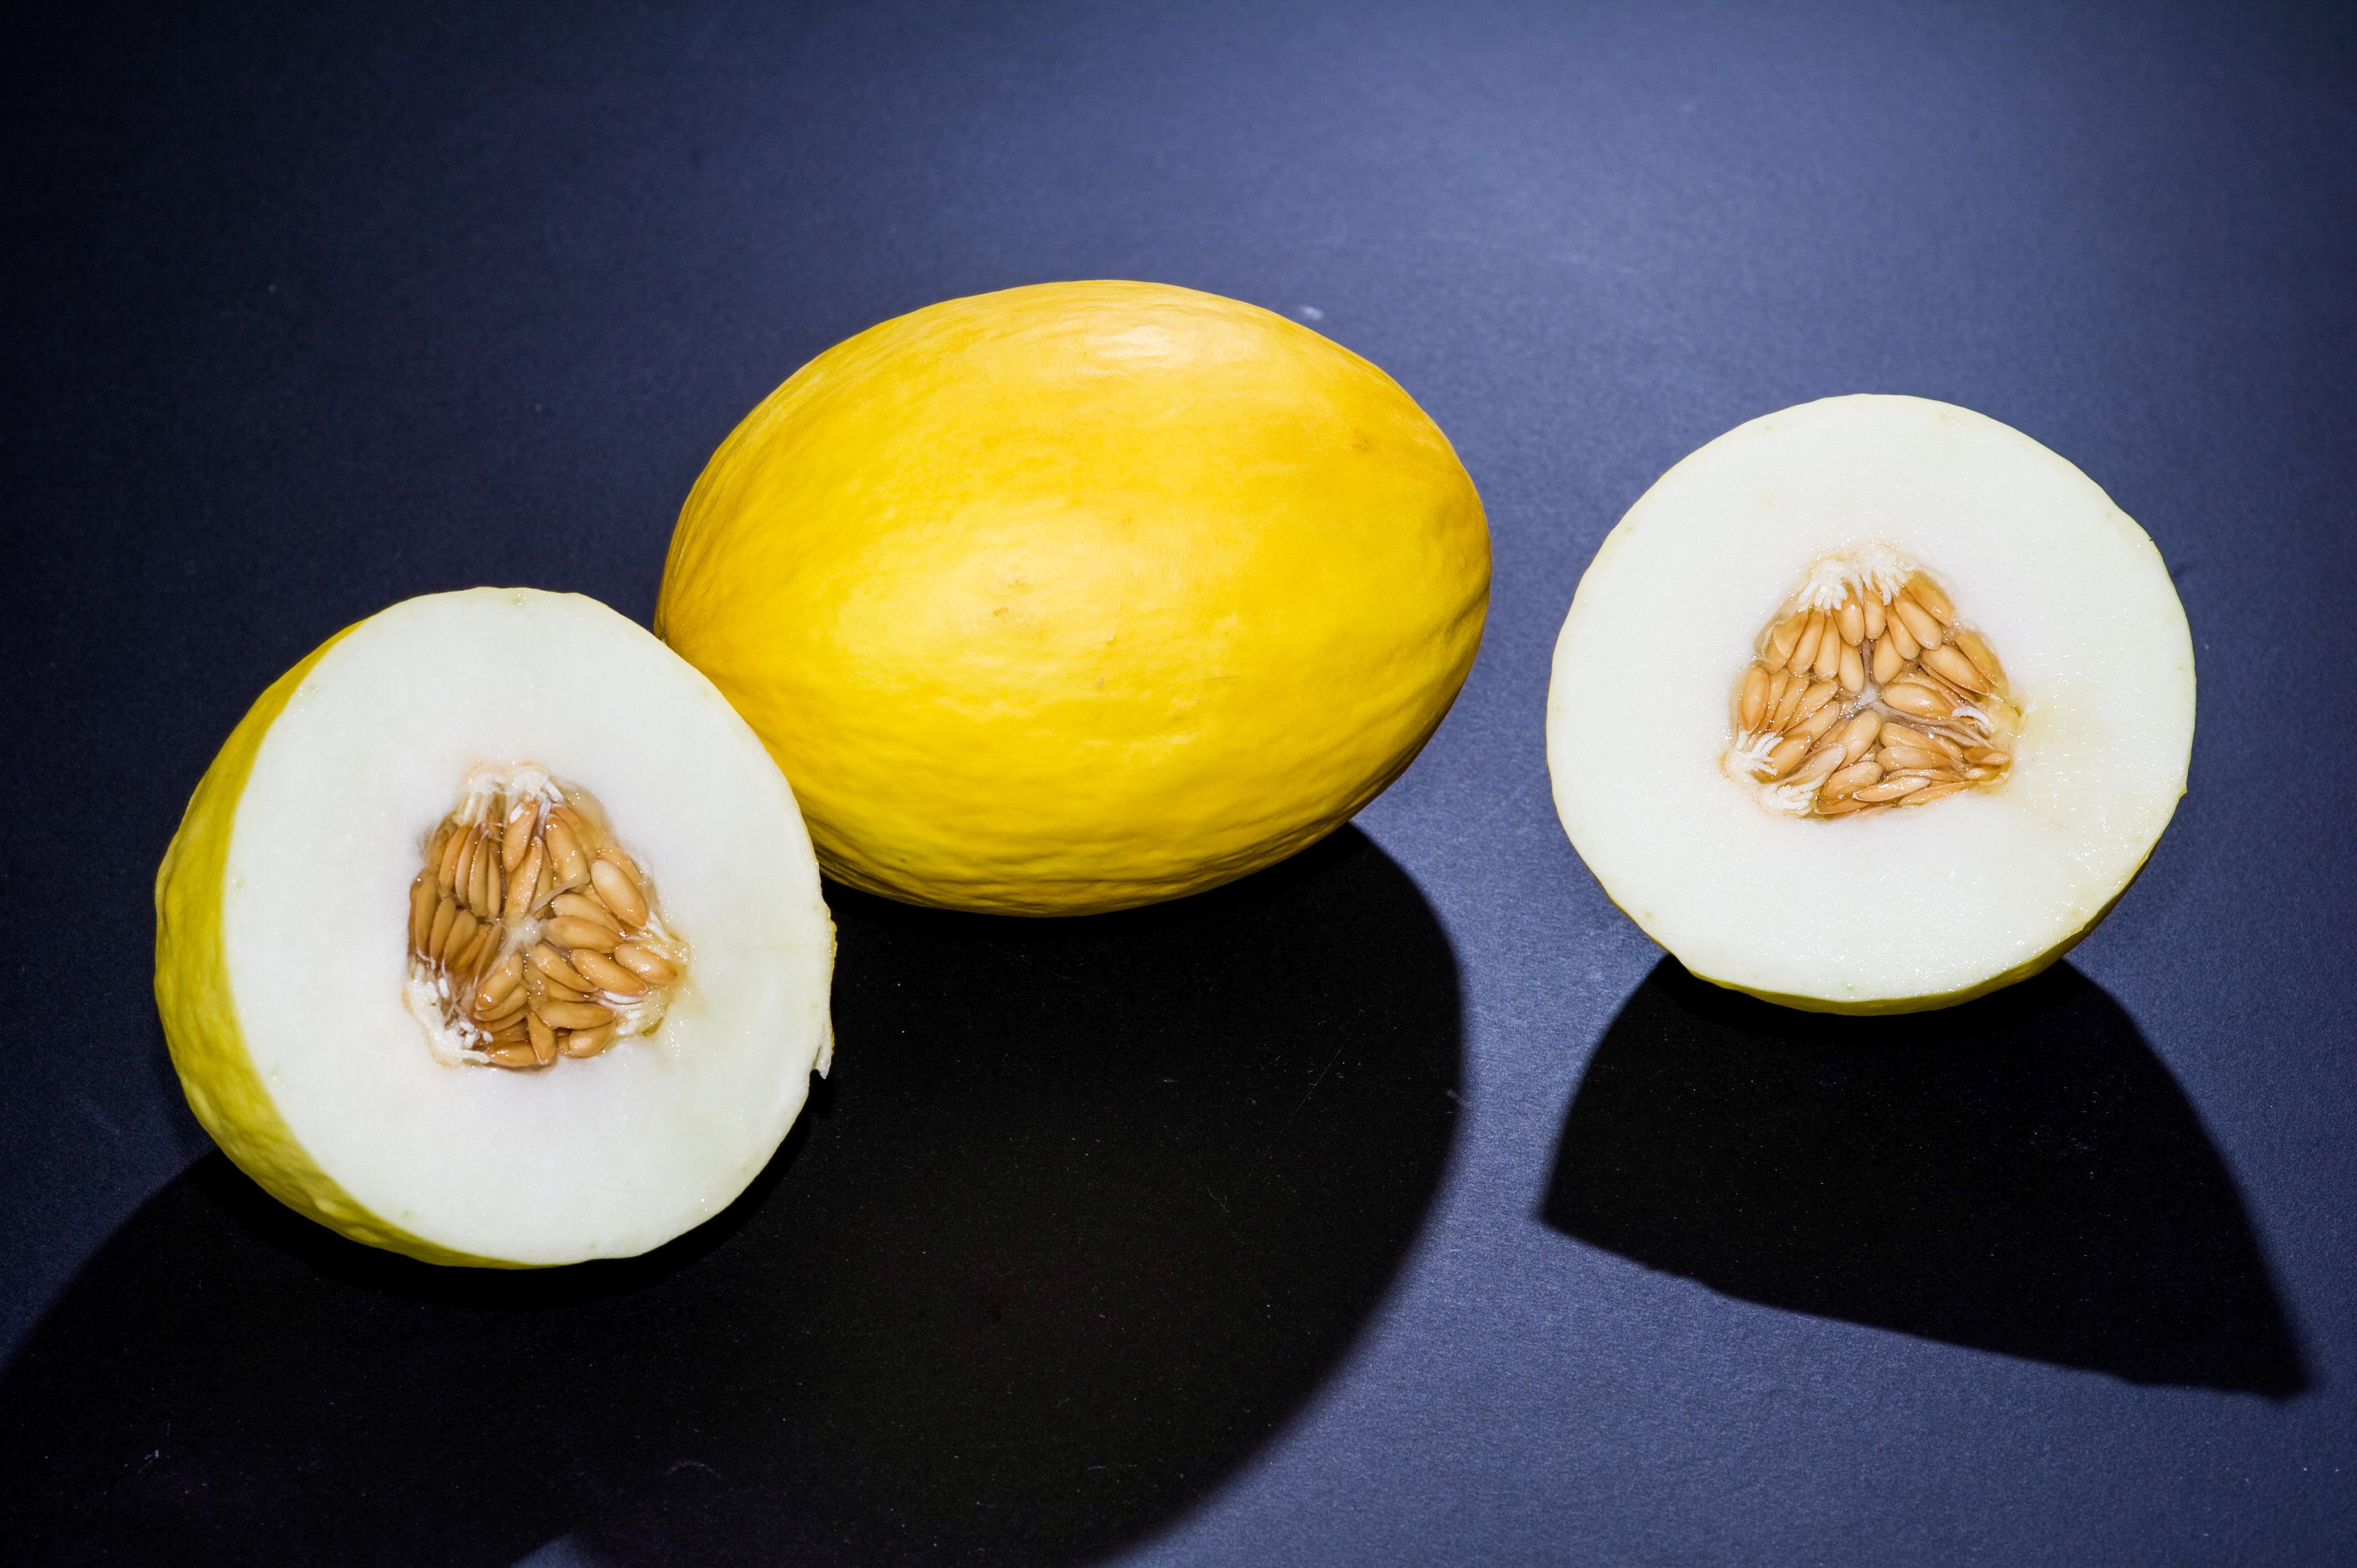 Canary melon - Wikipedia